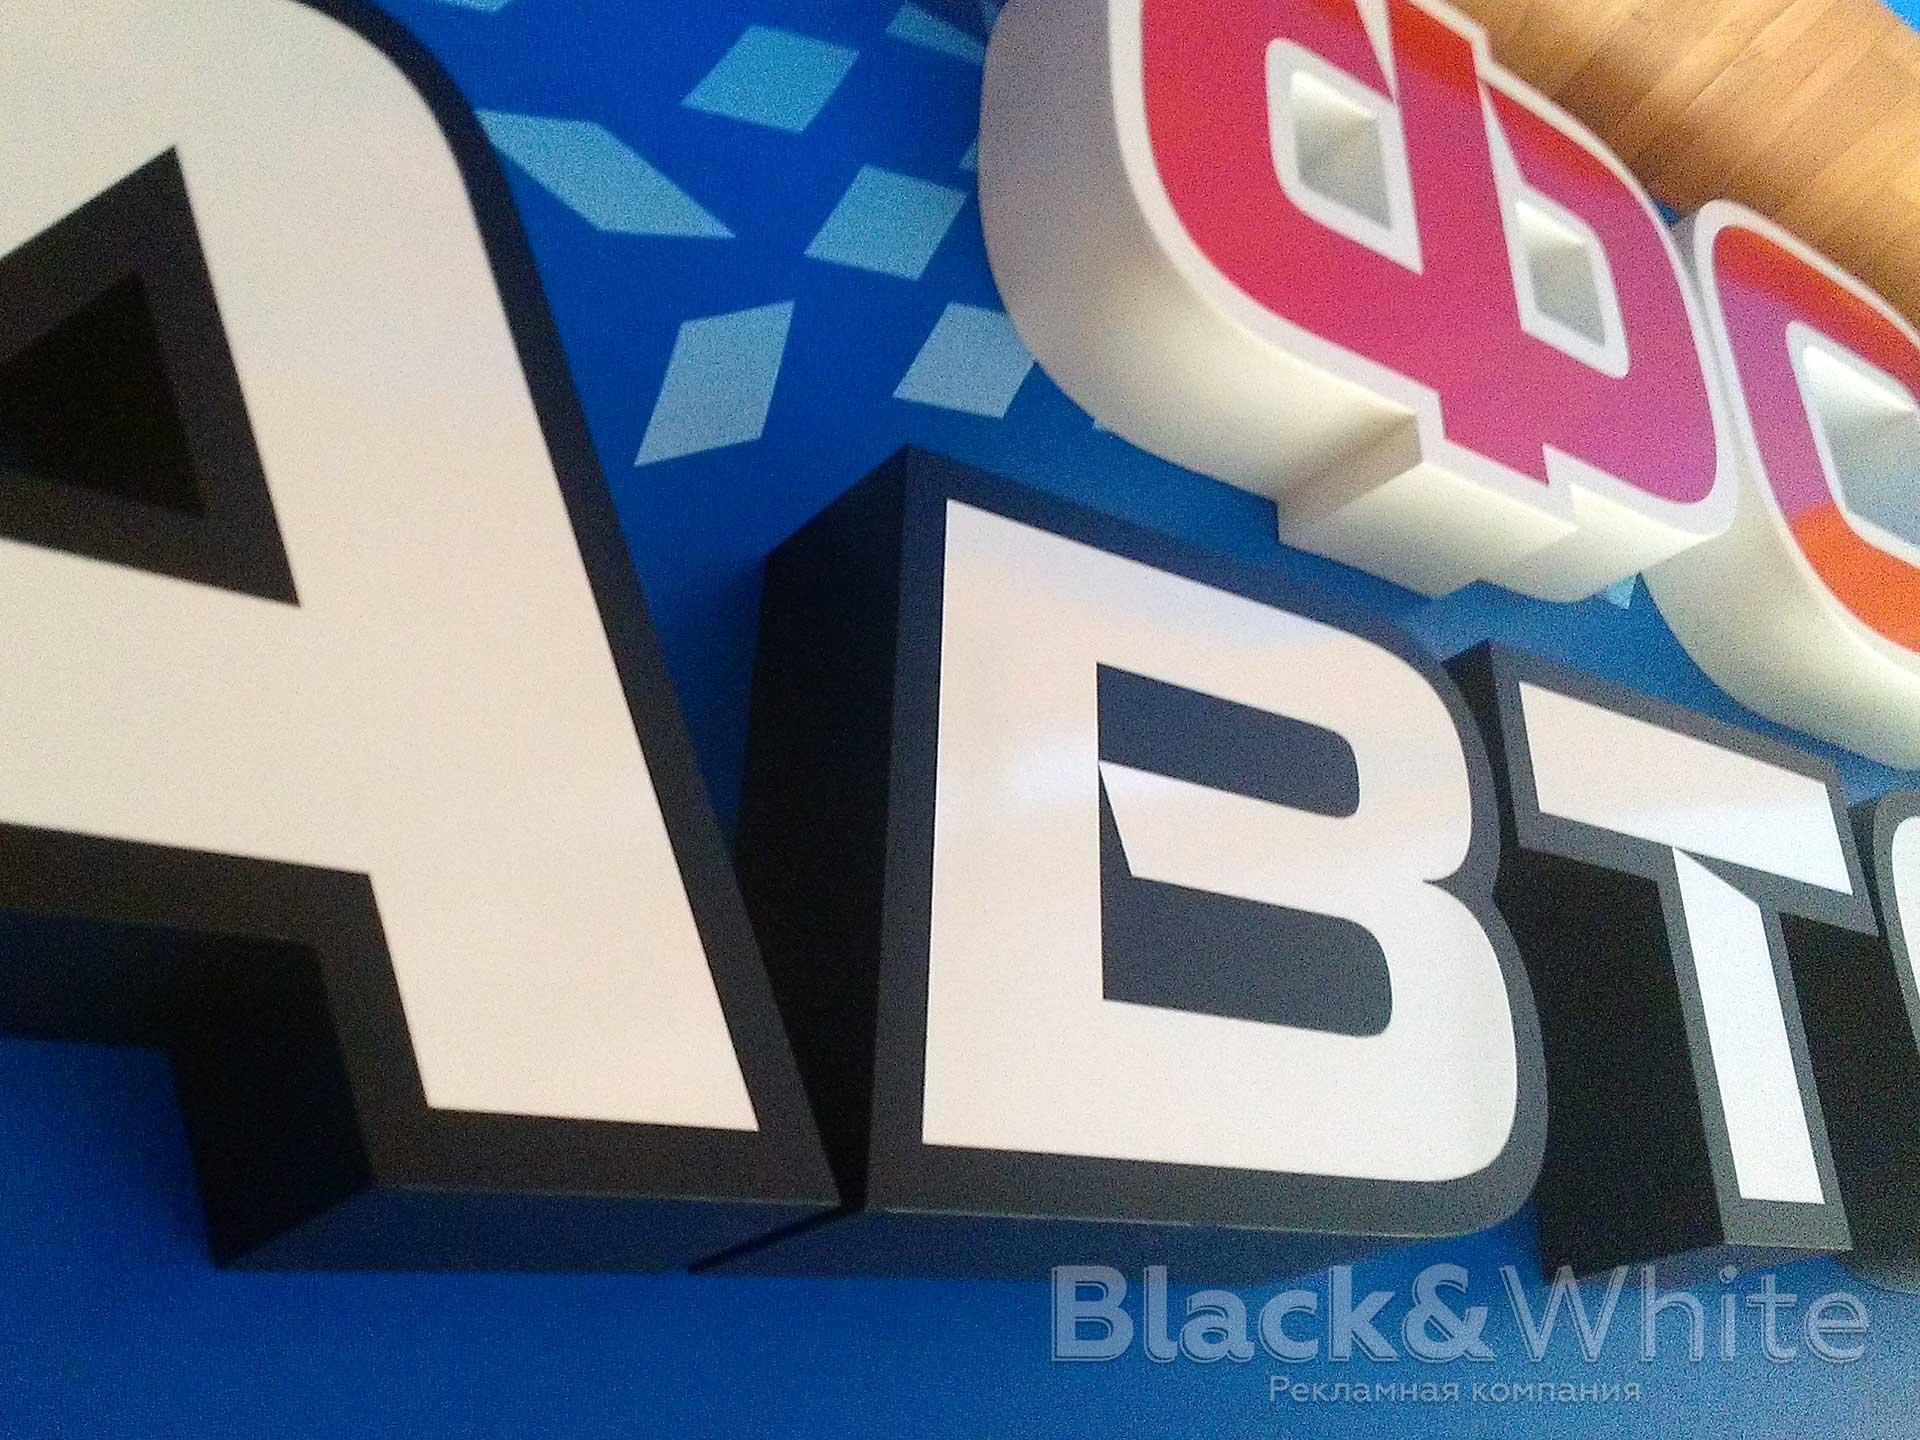 Вывеска-с-объёмными-не-световыми-буквами-изготовление-в-Красноярске-Black-and-White.jpg